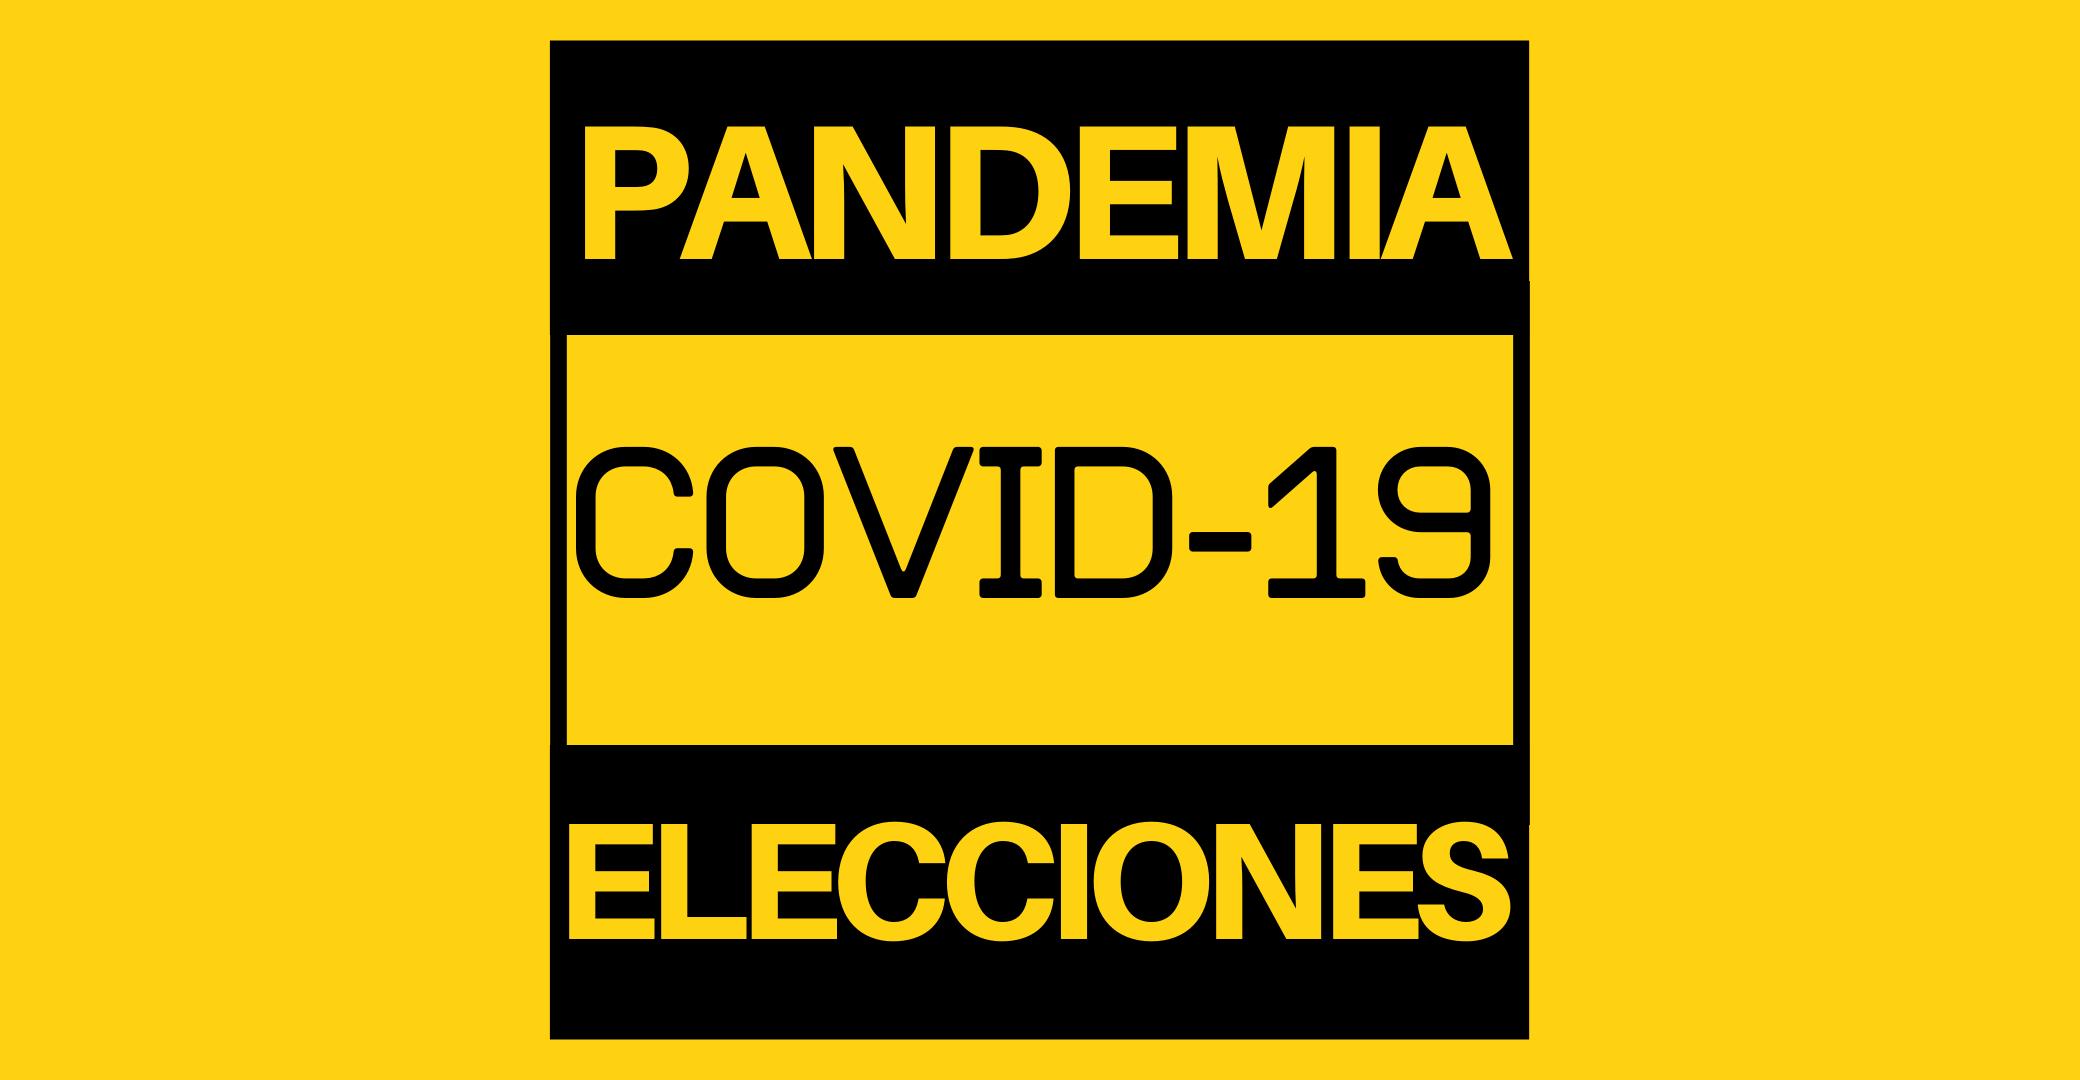 Elecciones durante el COVID-19: Consideraciones sobre cómo ...